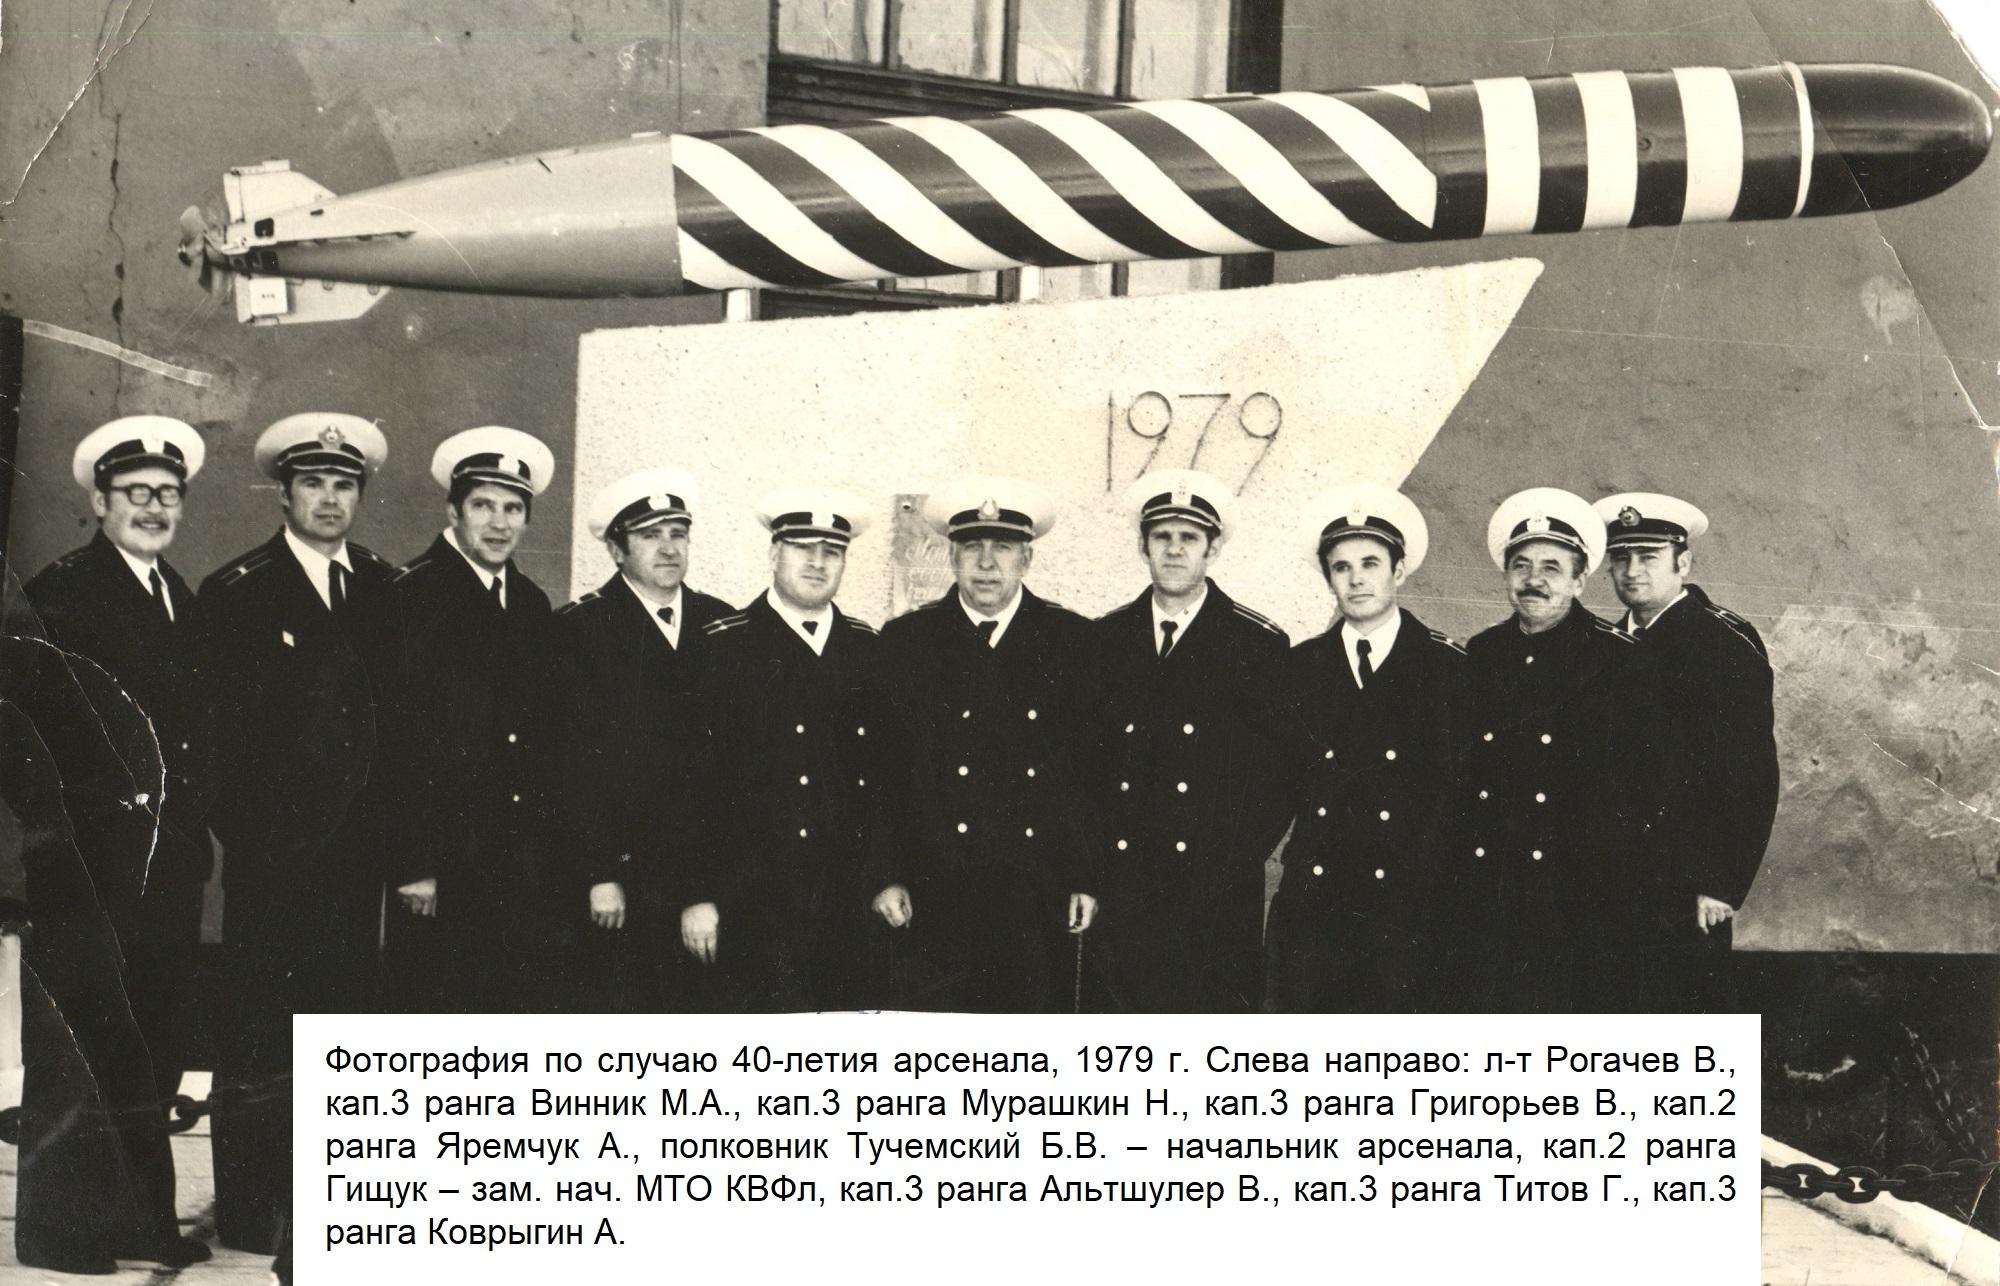 40-летие арсенала, 1979 г.